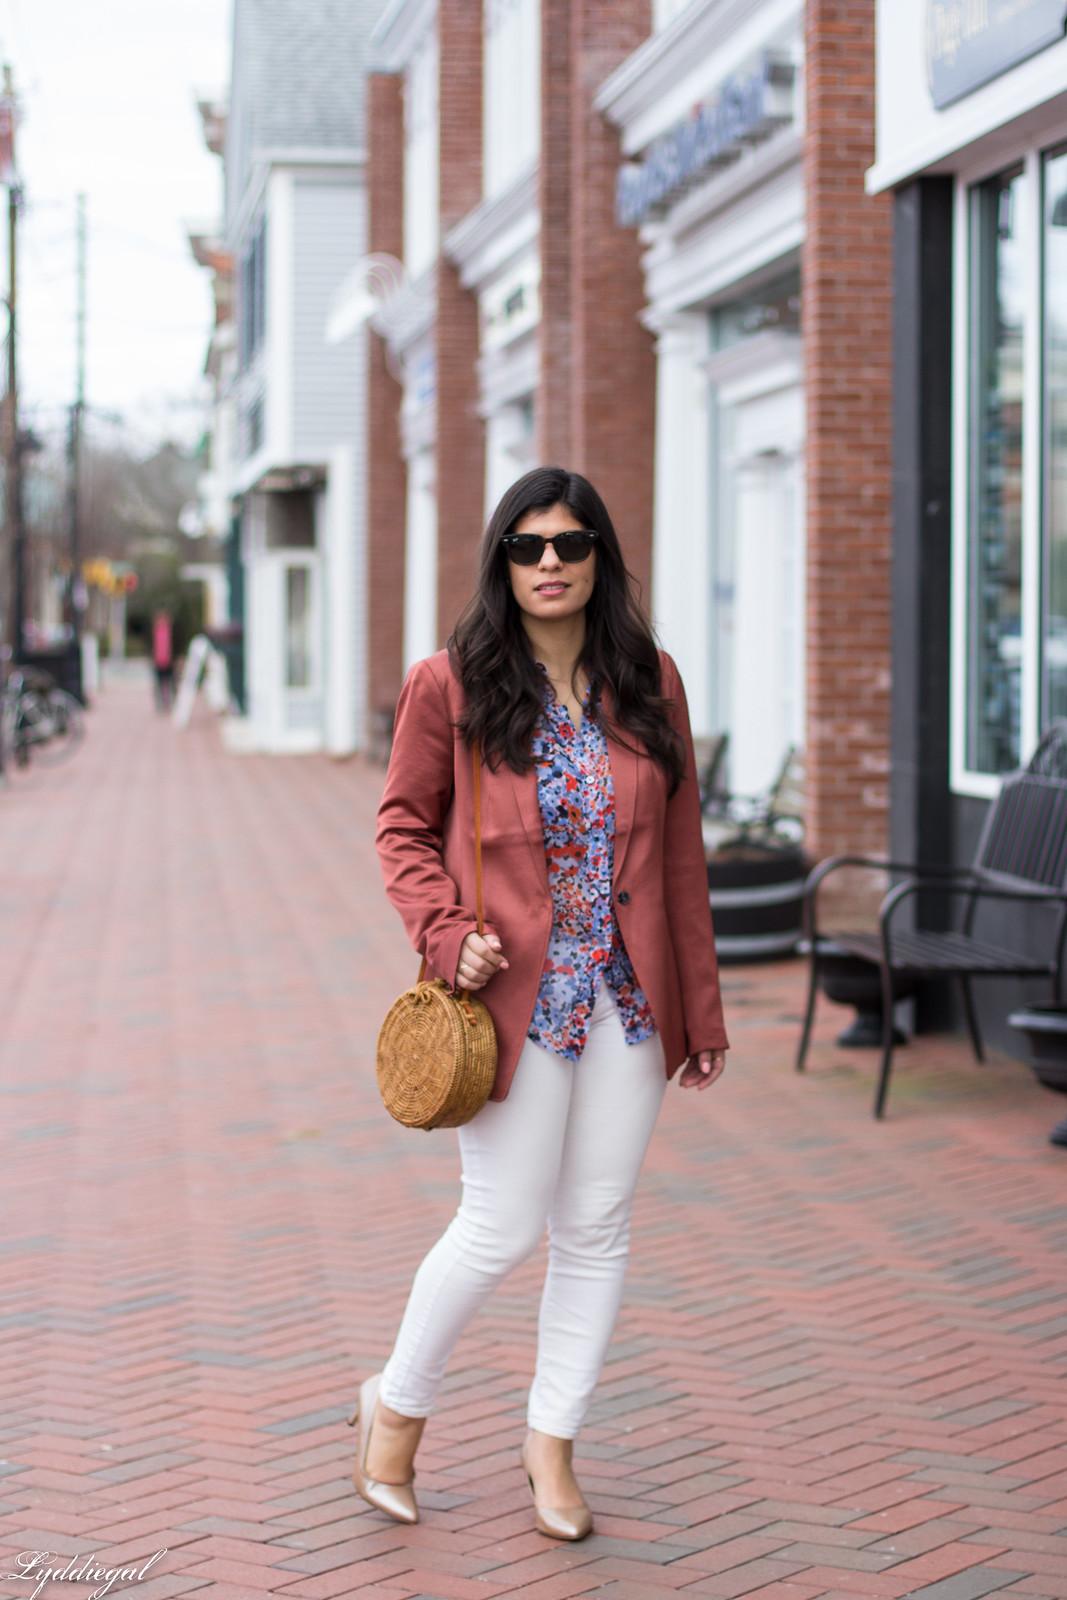 Rust Silk Blazer, Floral Blouse, White Jeans, Round Straw Bag-12.jpg